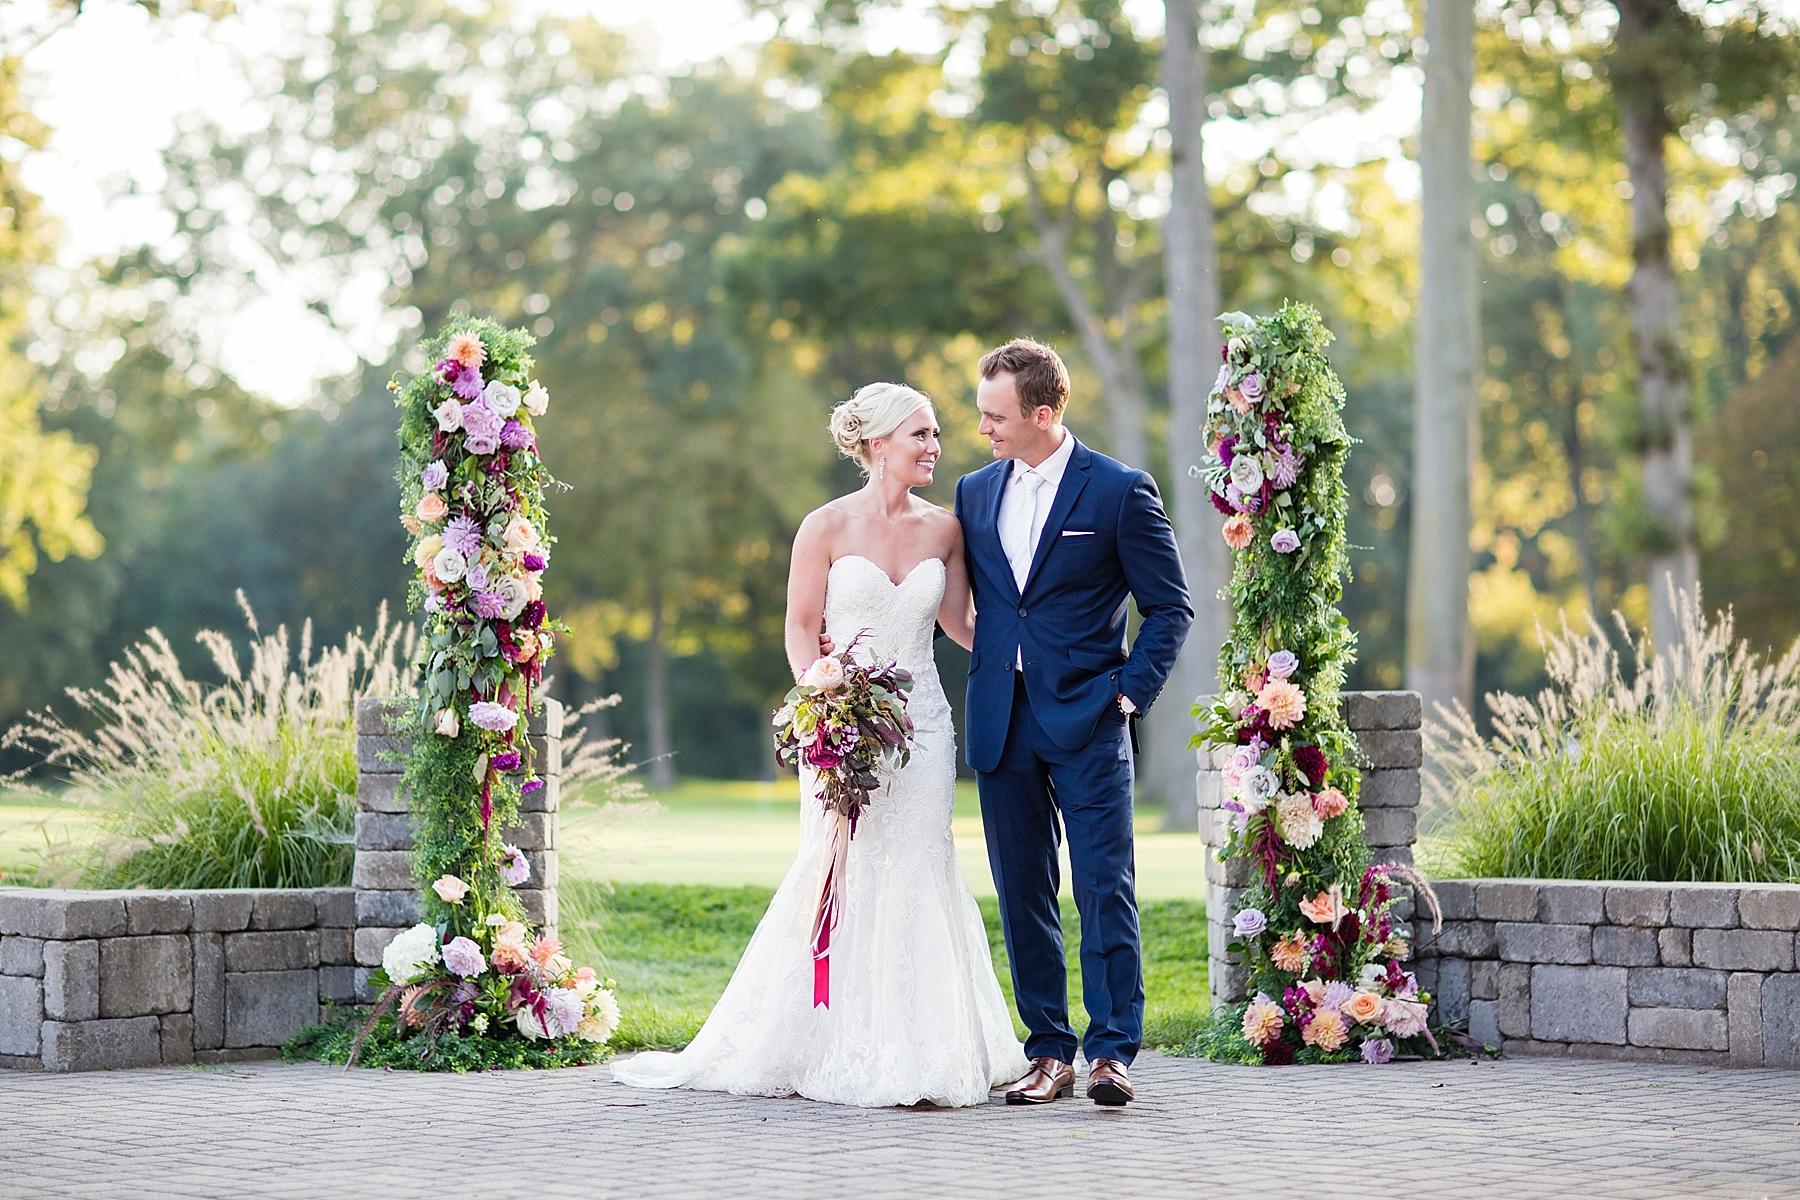 windsor-wedding-photographer-essex-golf-country-club-wedding-eryn-shea-photography_0062.jpg